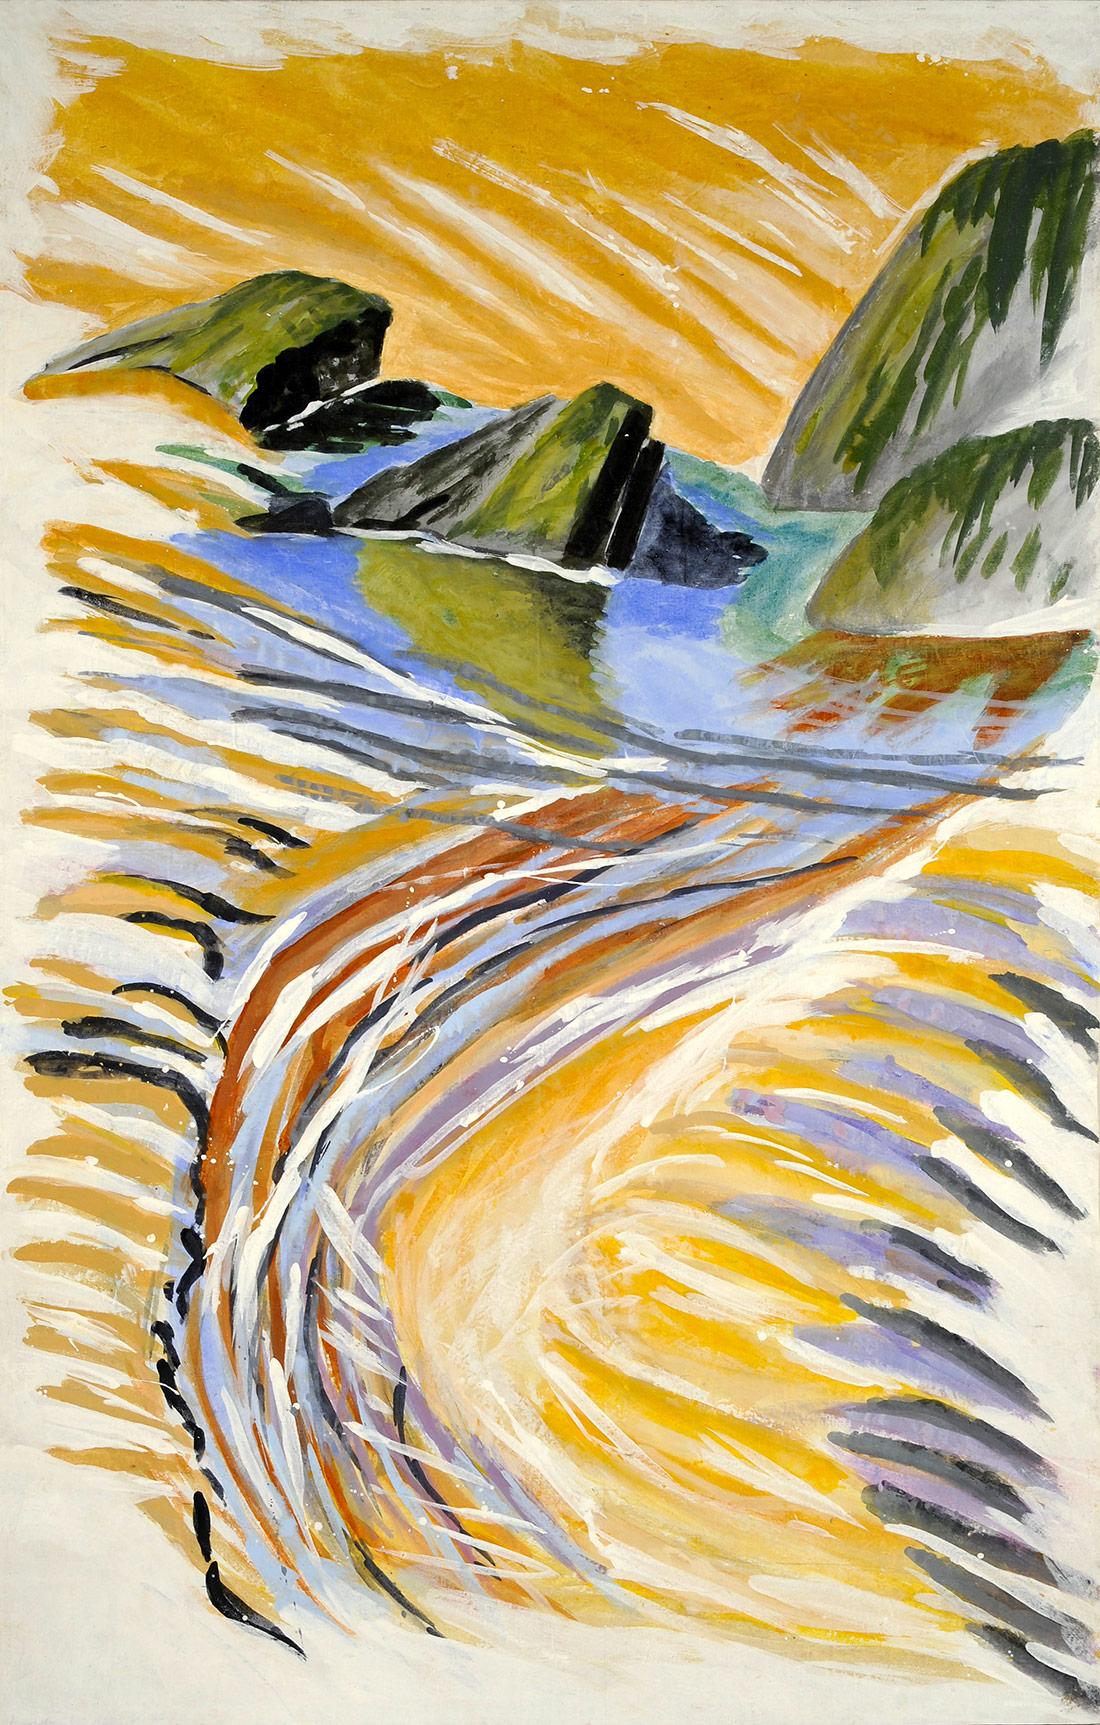 Épave Nº 6, 1998